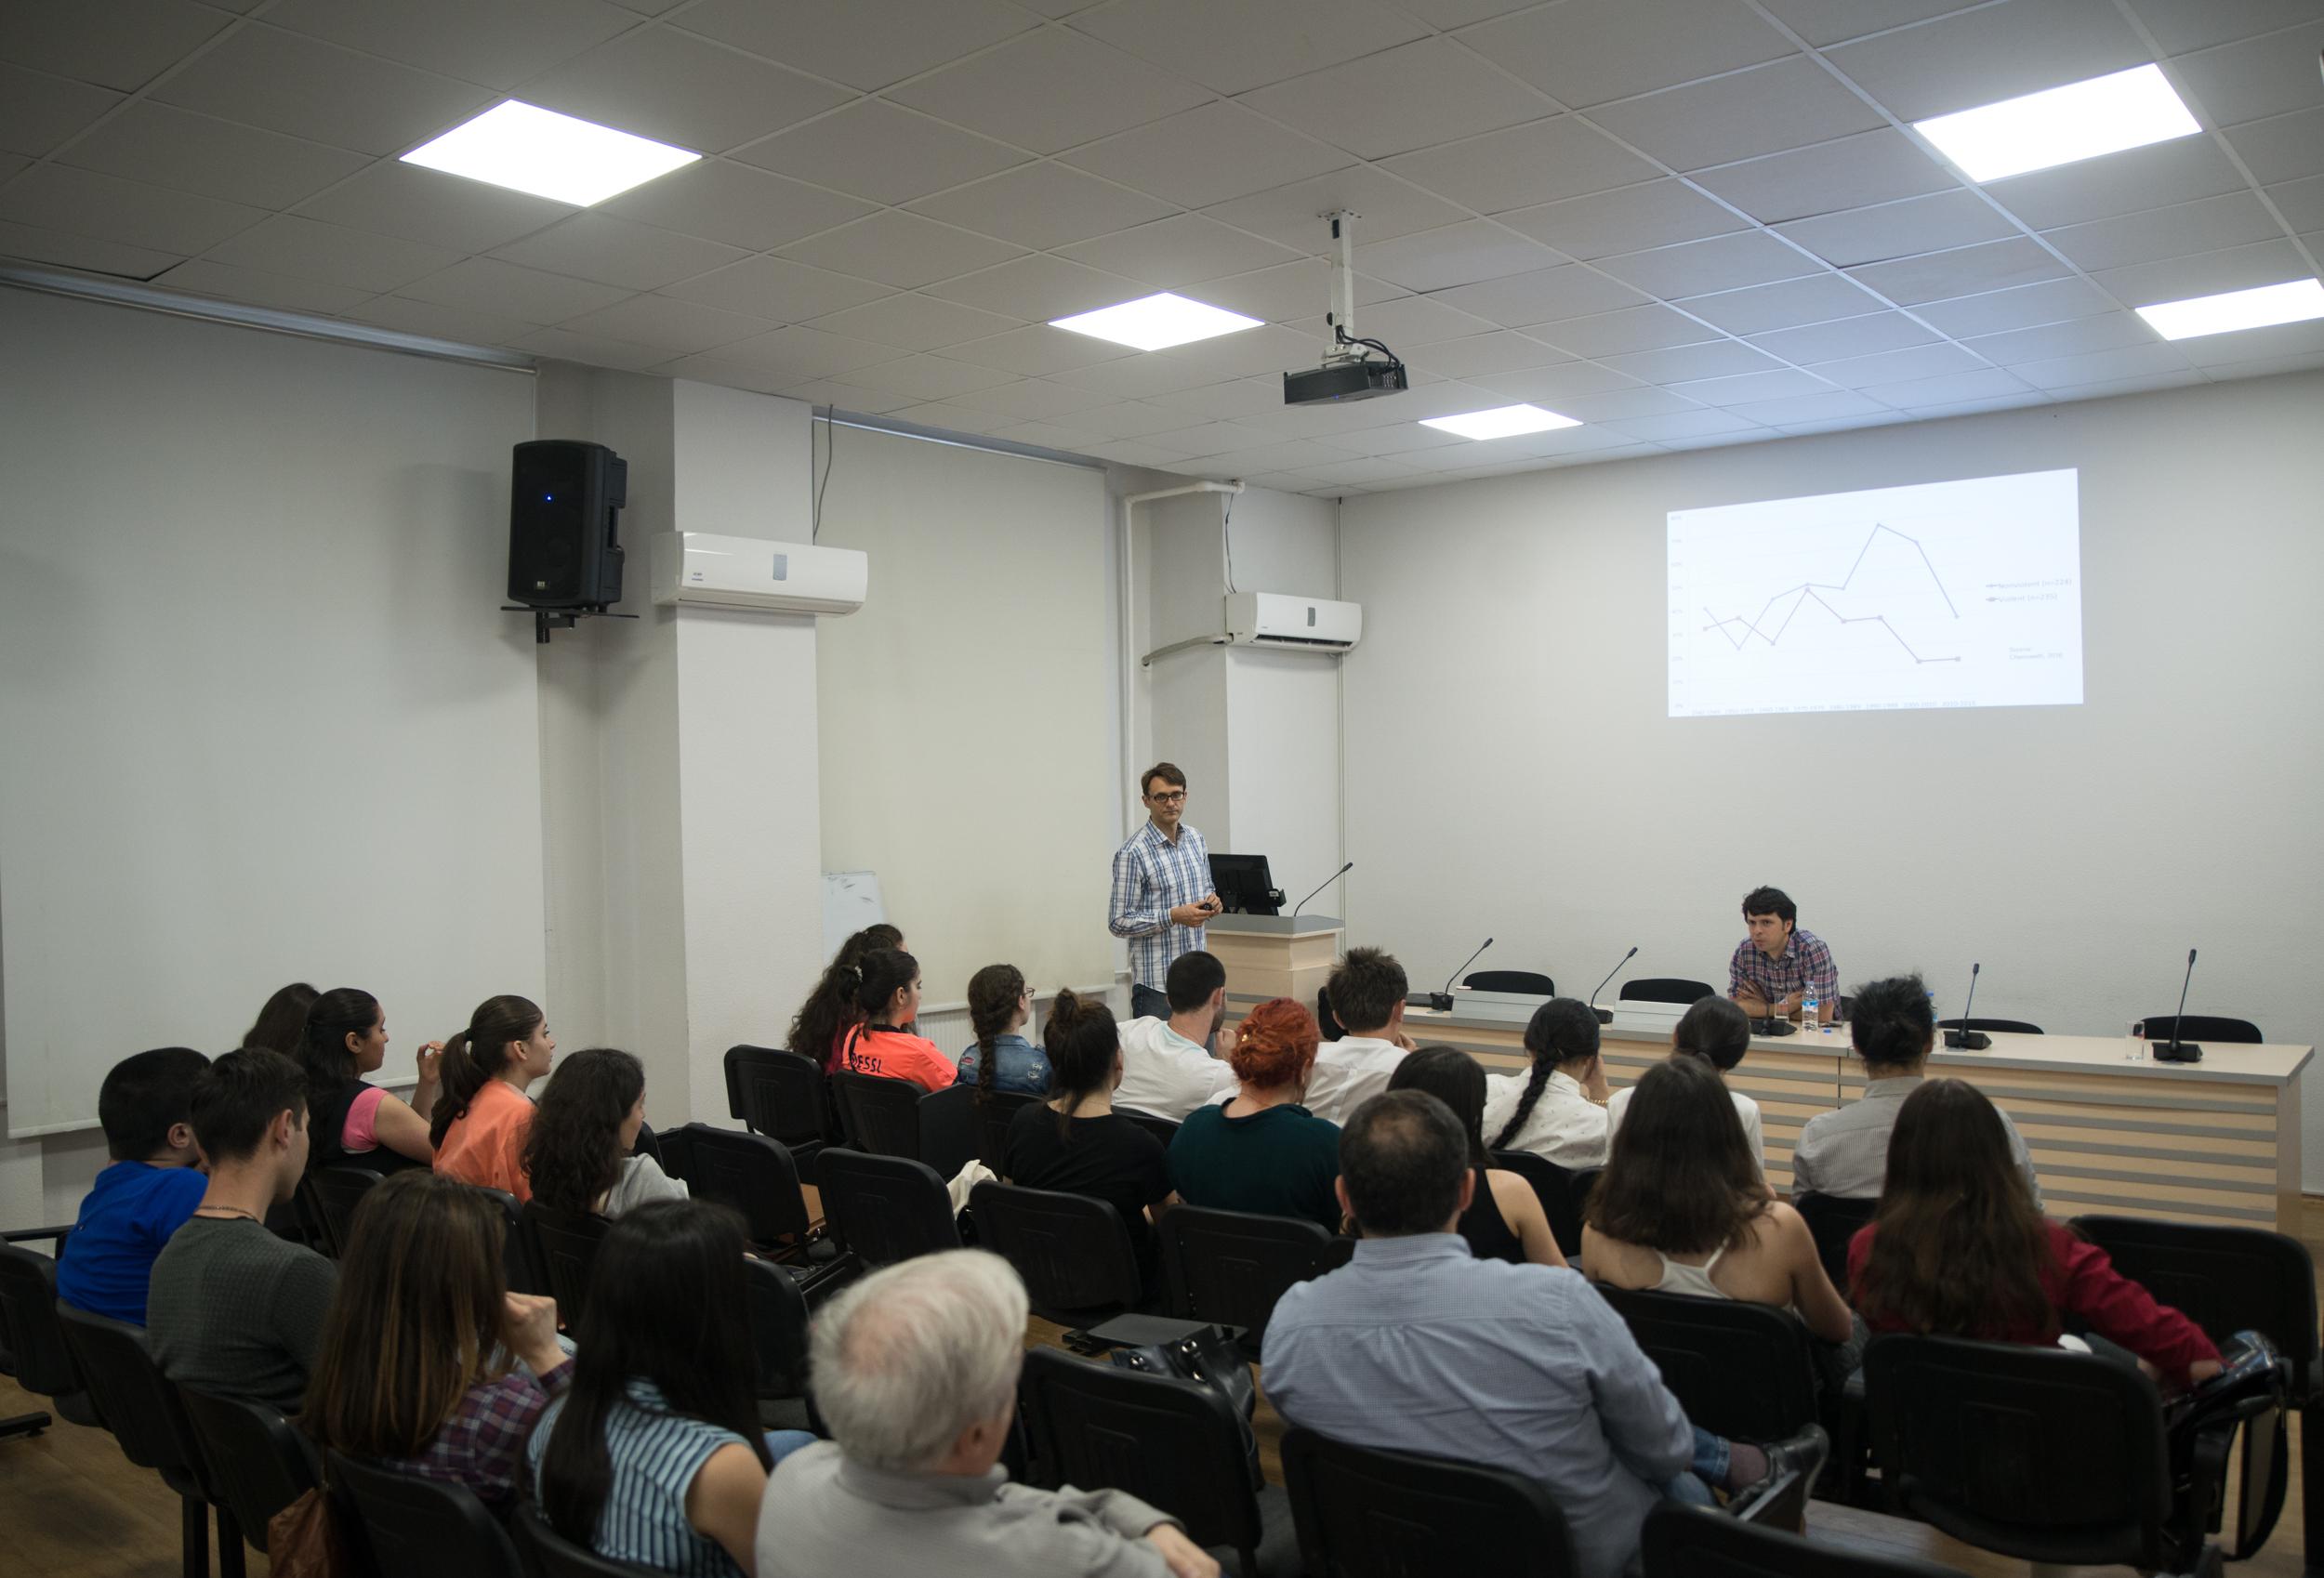 მაჩი ბარტკოვსკის საჯარო ლექცია – სამოქალაქო მოძრაობები და დემოკრატიული განვითრება